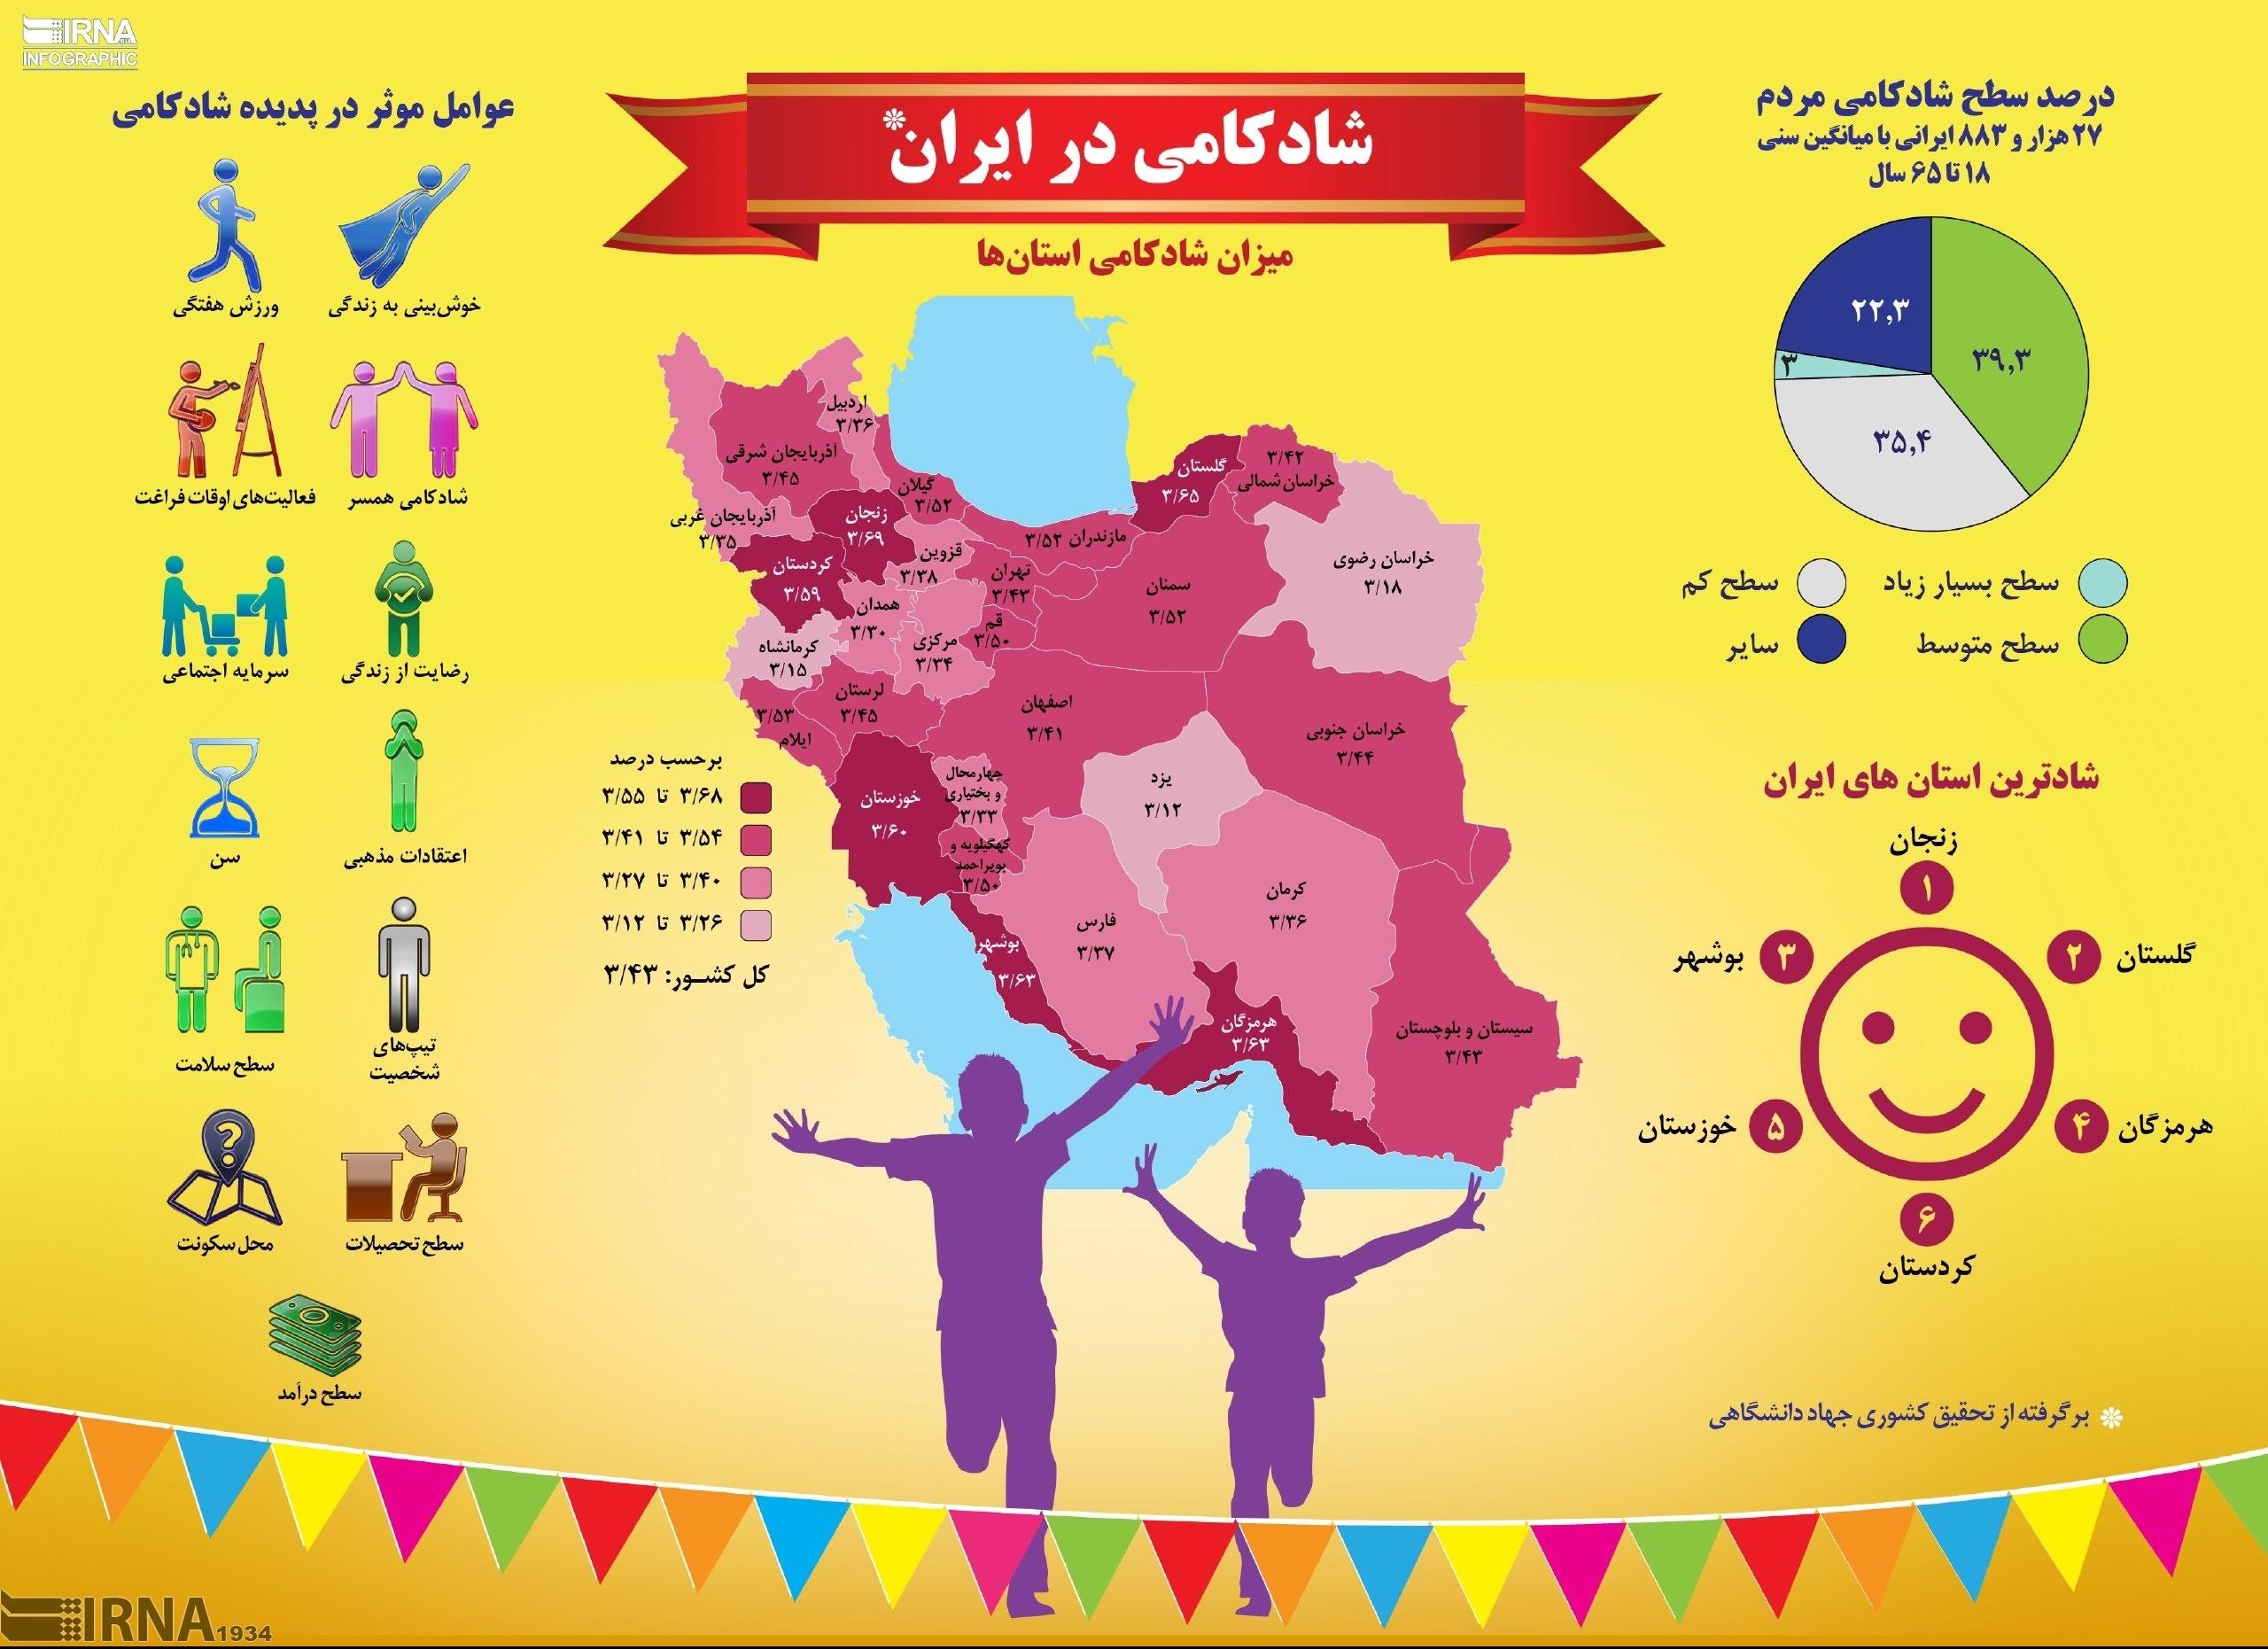 شادترین مردم ایران در کدام استانها زندگی میکنند؟ (اینفوگرافیک)